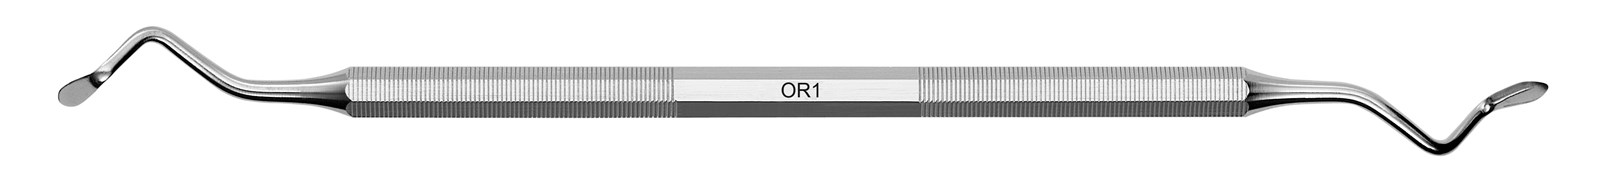 Oboustranný parodontální nůž Orban - OR1, ADEP světle modrý